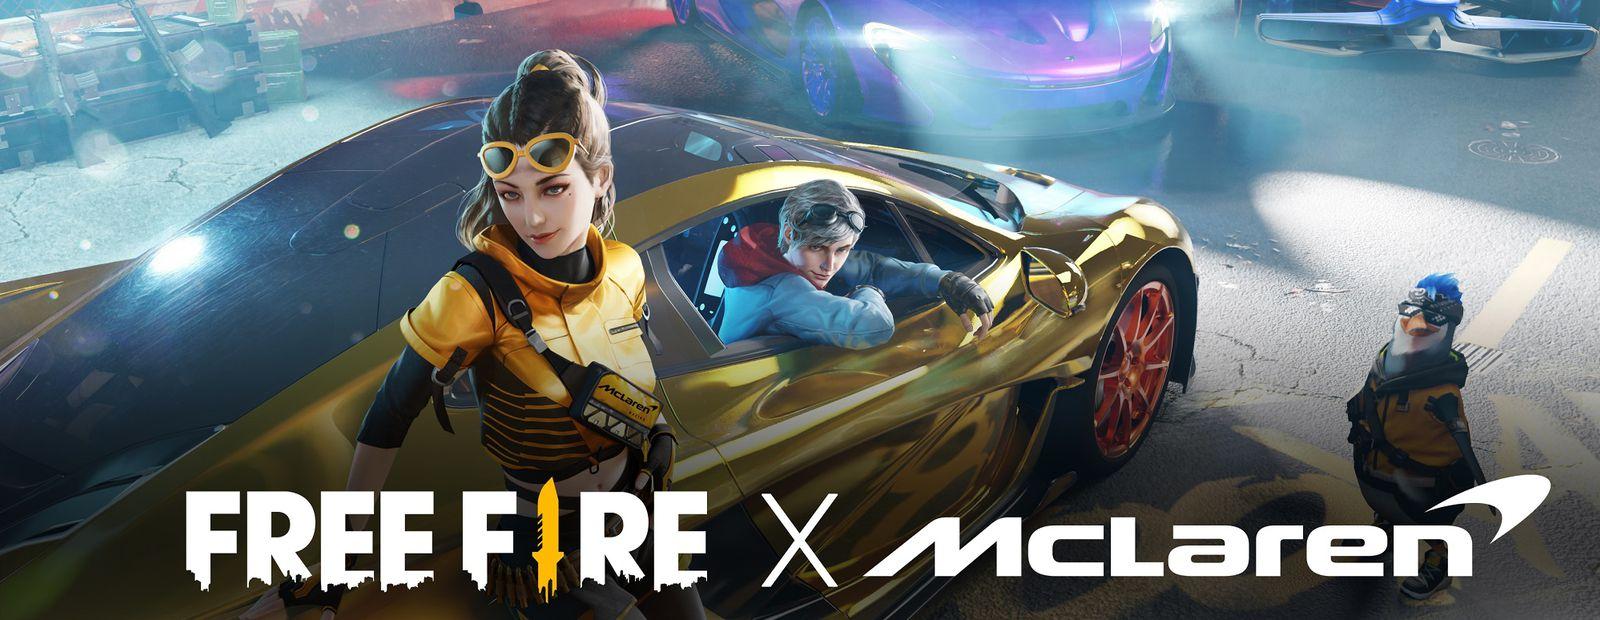 Konten-McLaren-yang-Ada-di-Game-Free-Fire